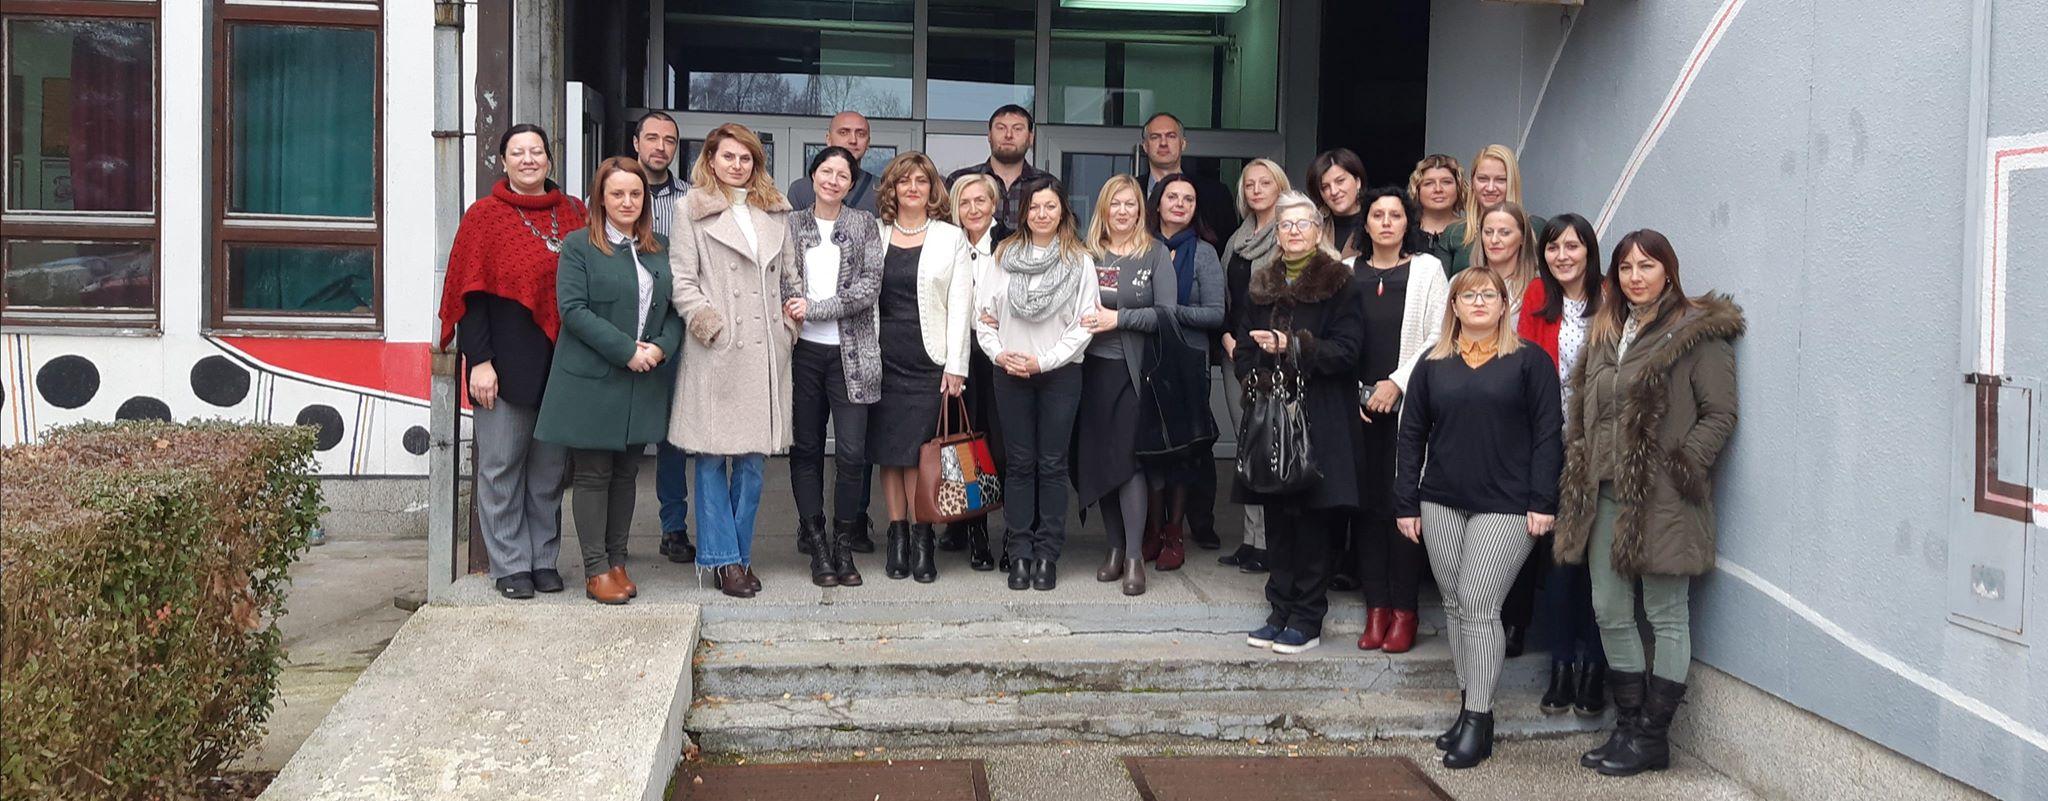 Основана ПОДРУЖНИЦА ДРУШТВА ЗА СРПСКИ ЈЕЗИК И КЊИЖЕВНОСТ СРБИЈЕ ЗЛАТИБОРСКОГ ОКРУГА